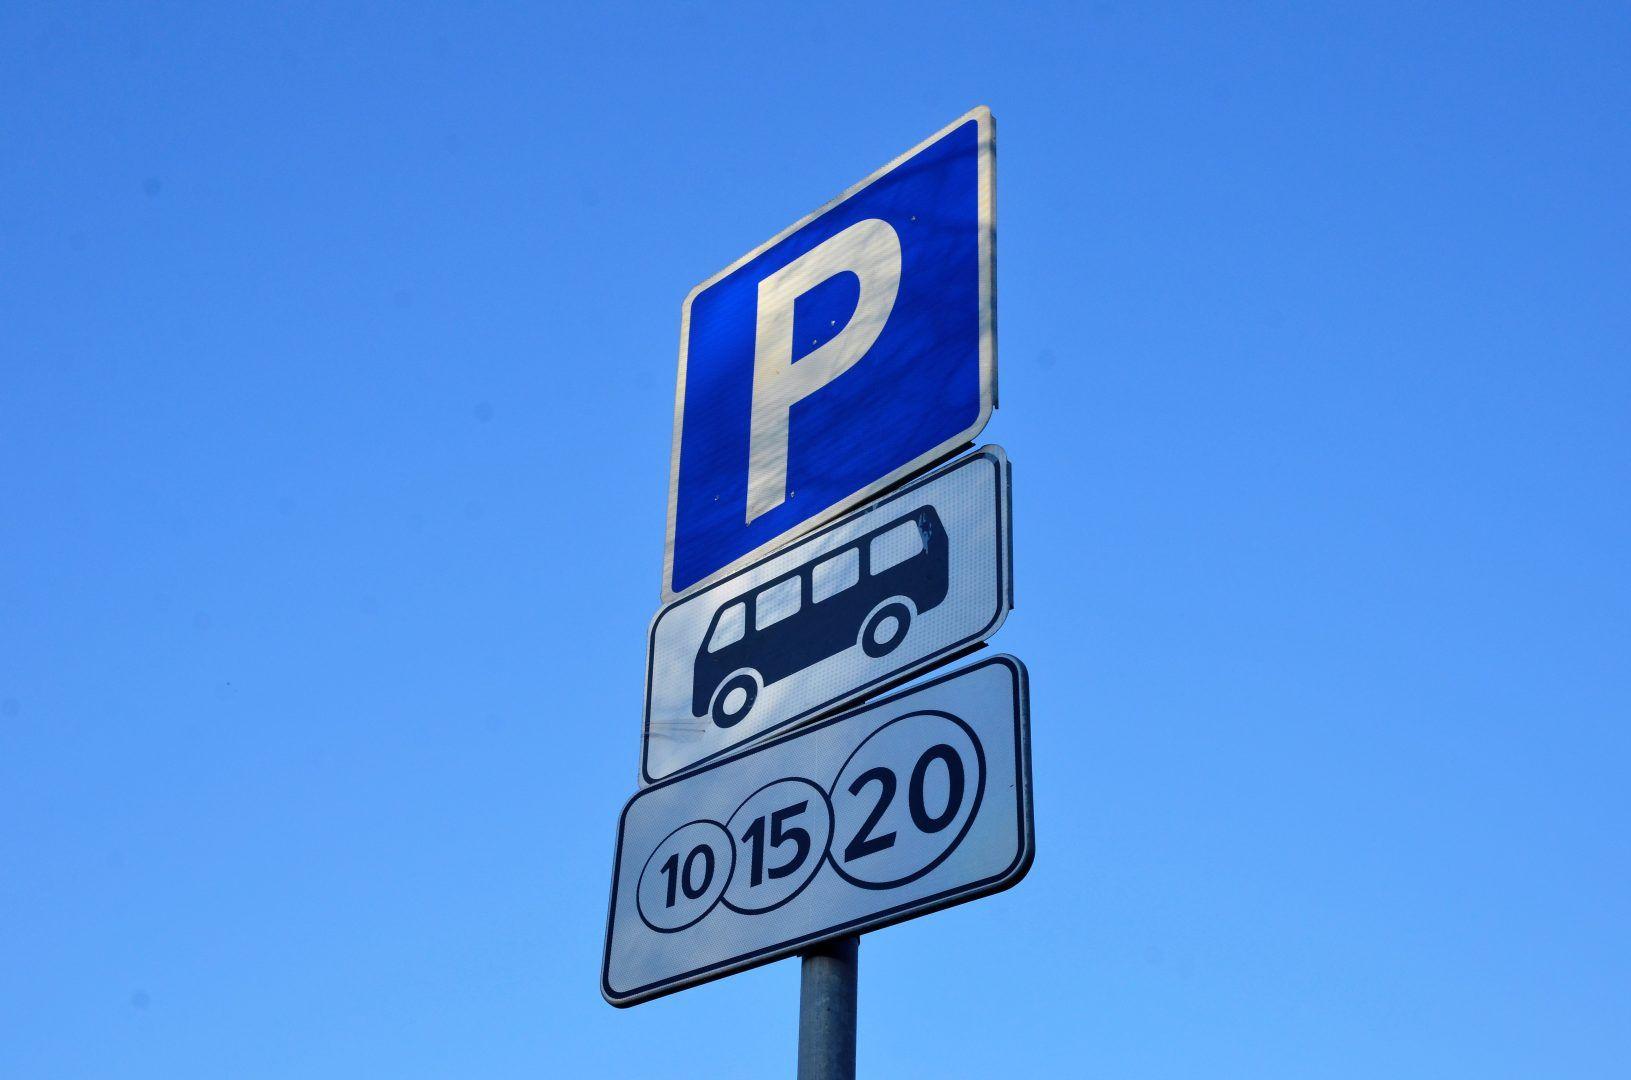 Перехватывающую парковку построили у станции метро «Филатов луг». Фото: Анна Быкова